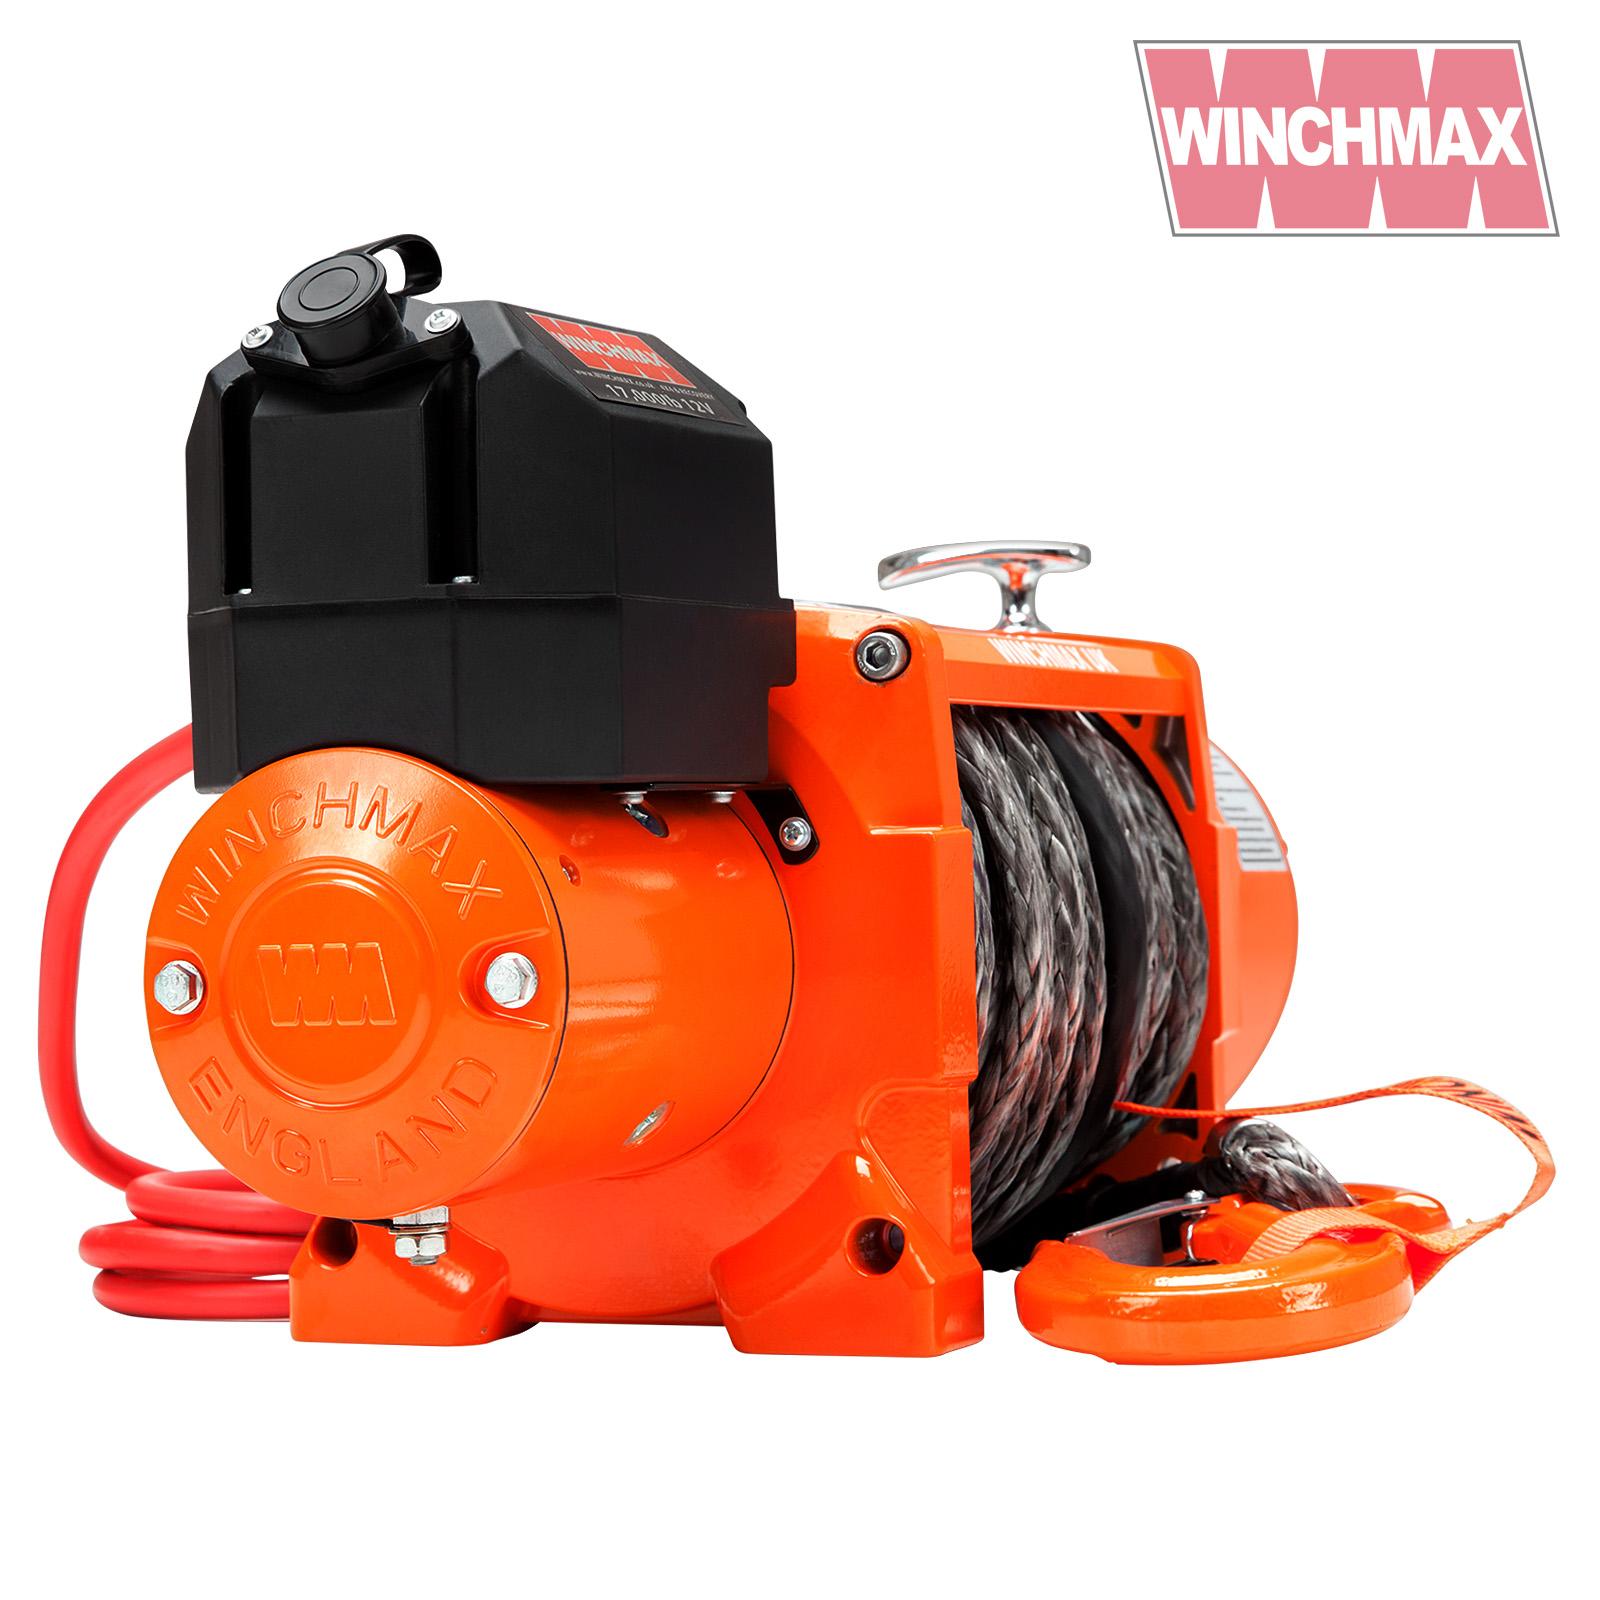 Wm1700012vrs winchmax 075